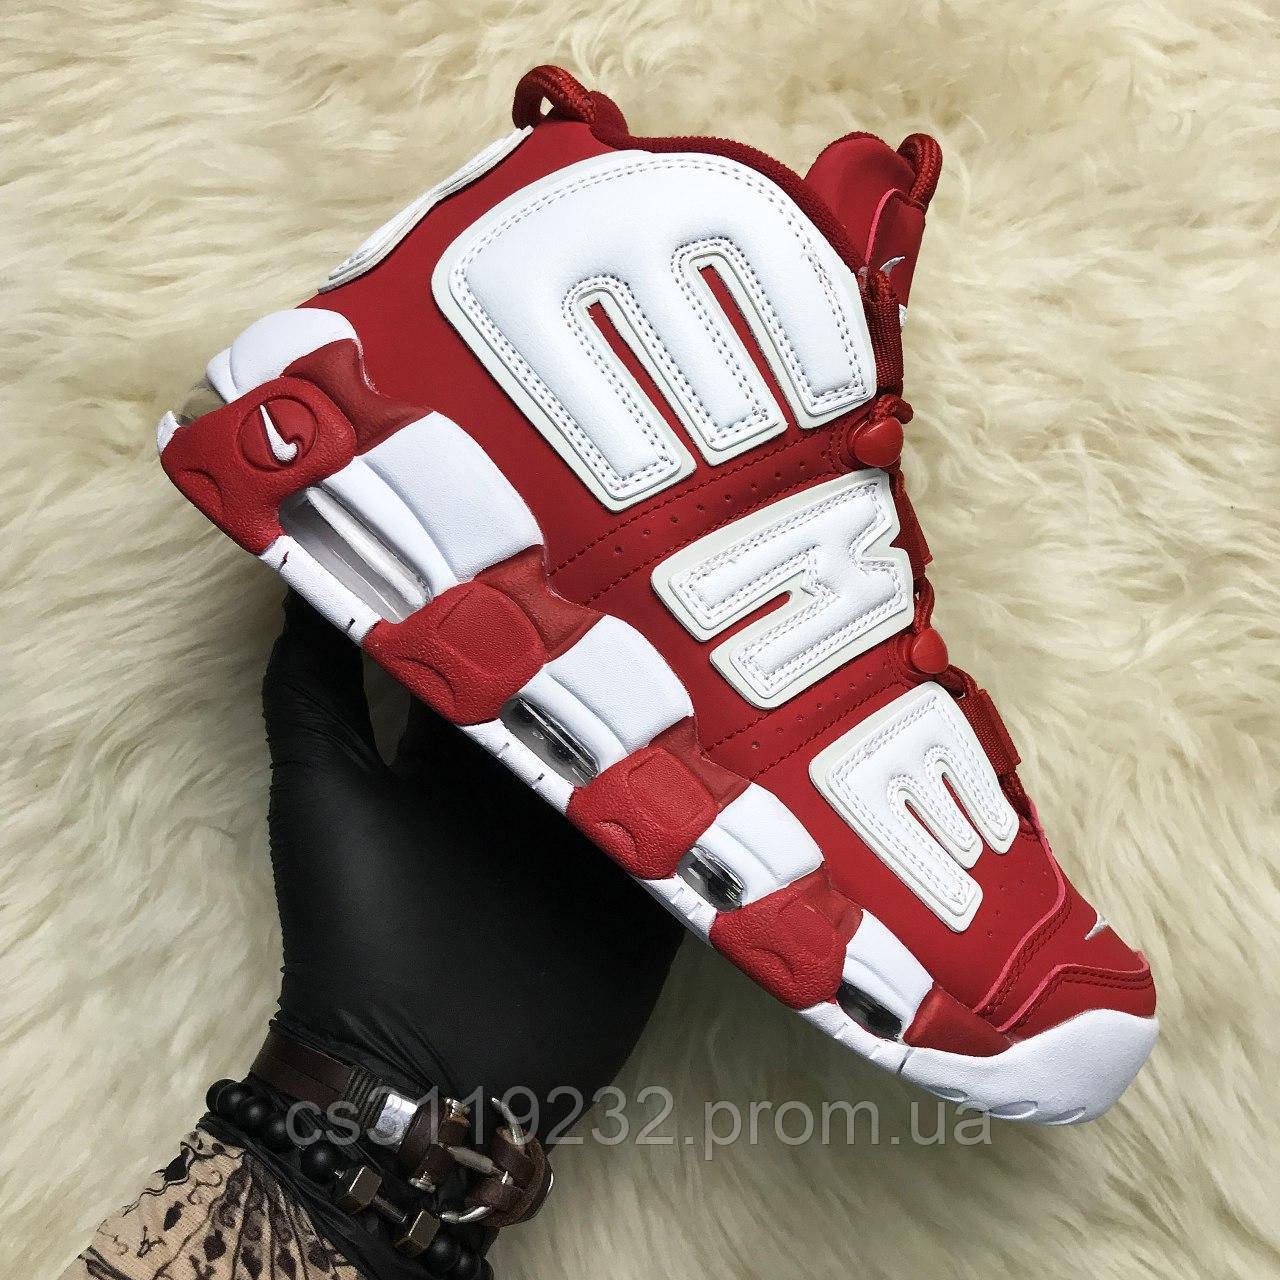 Женские кроссовки Nike Air More Uptempo Red Supreme (красный)